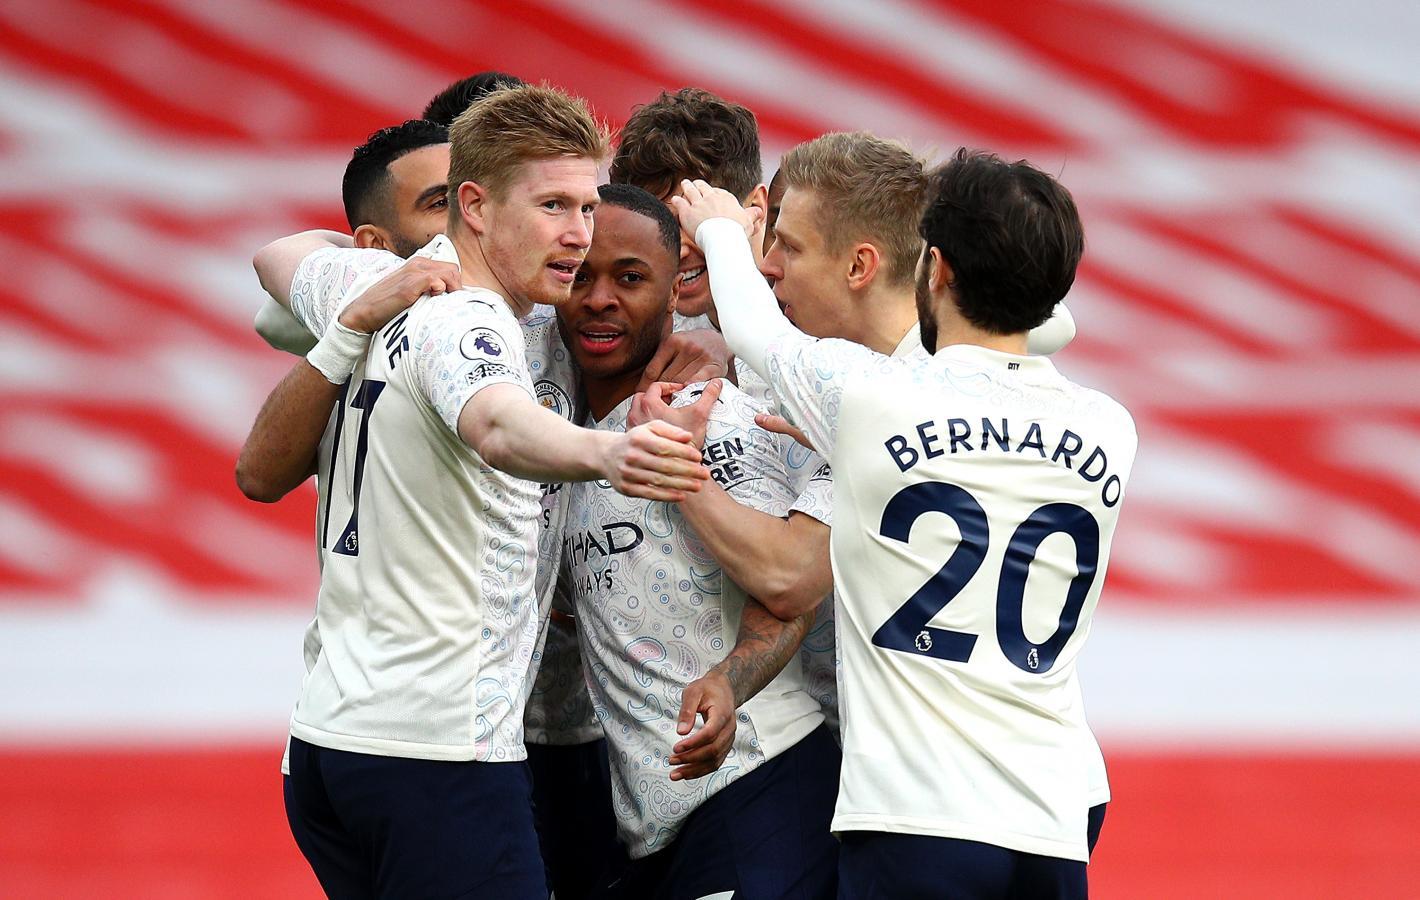 El equipo de Guardiola logró en Londres su decimotercer triunfo de manera consecutiva en la actual Premier League.